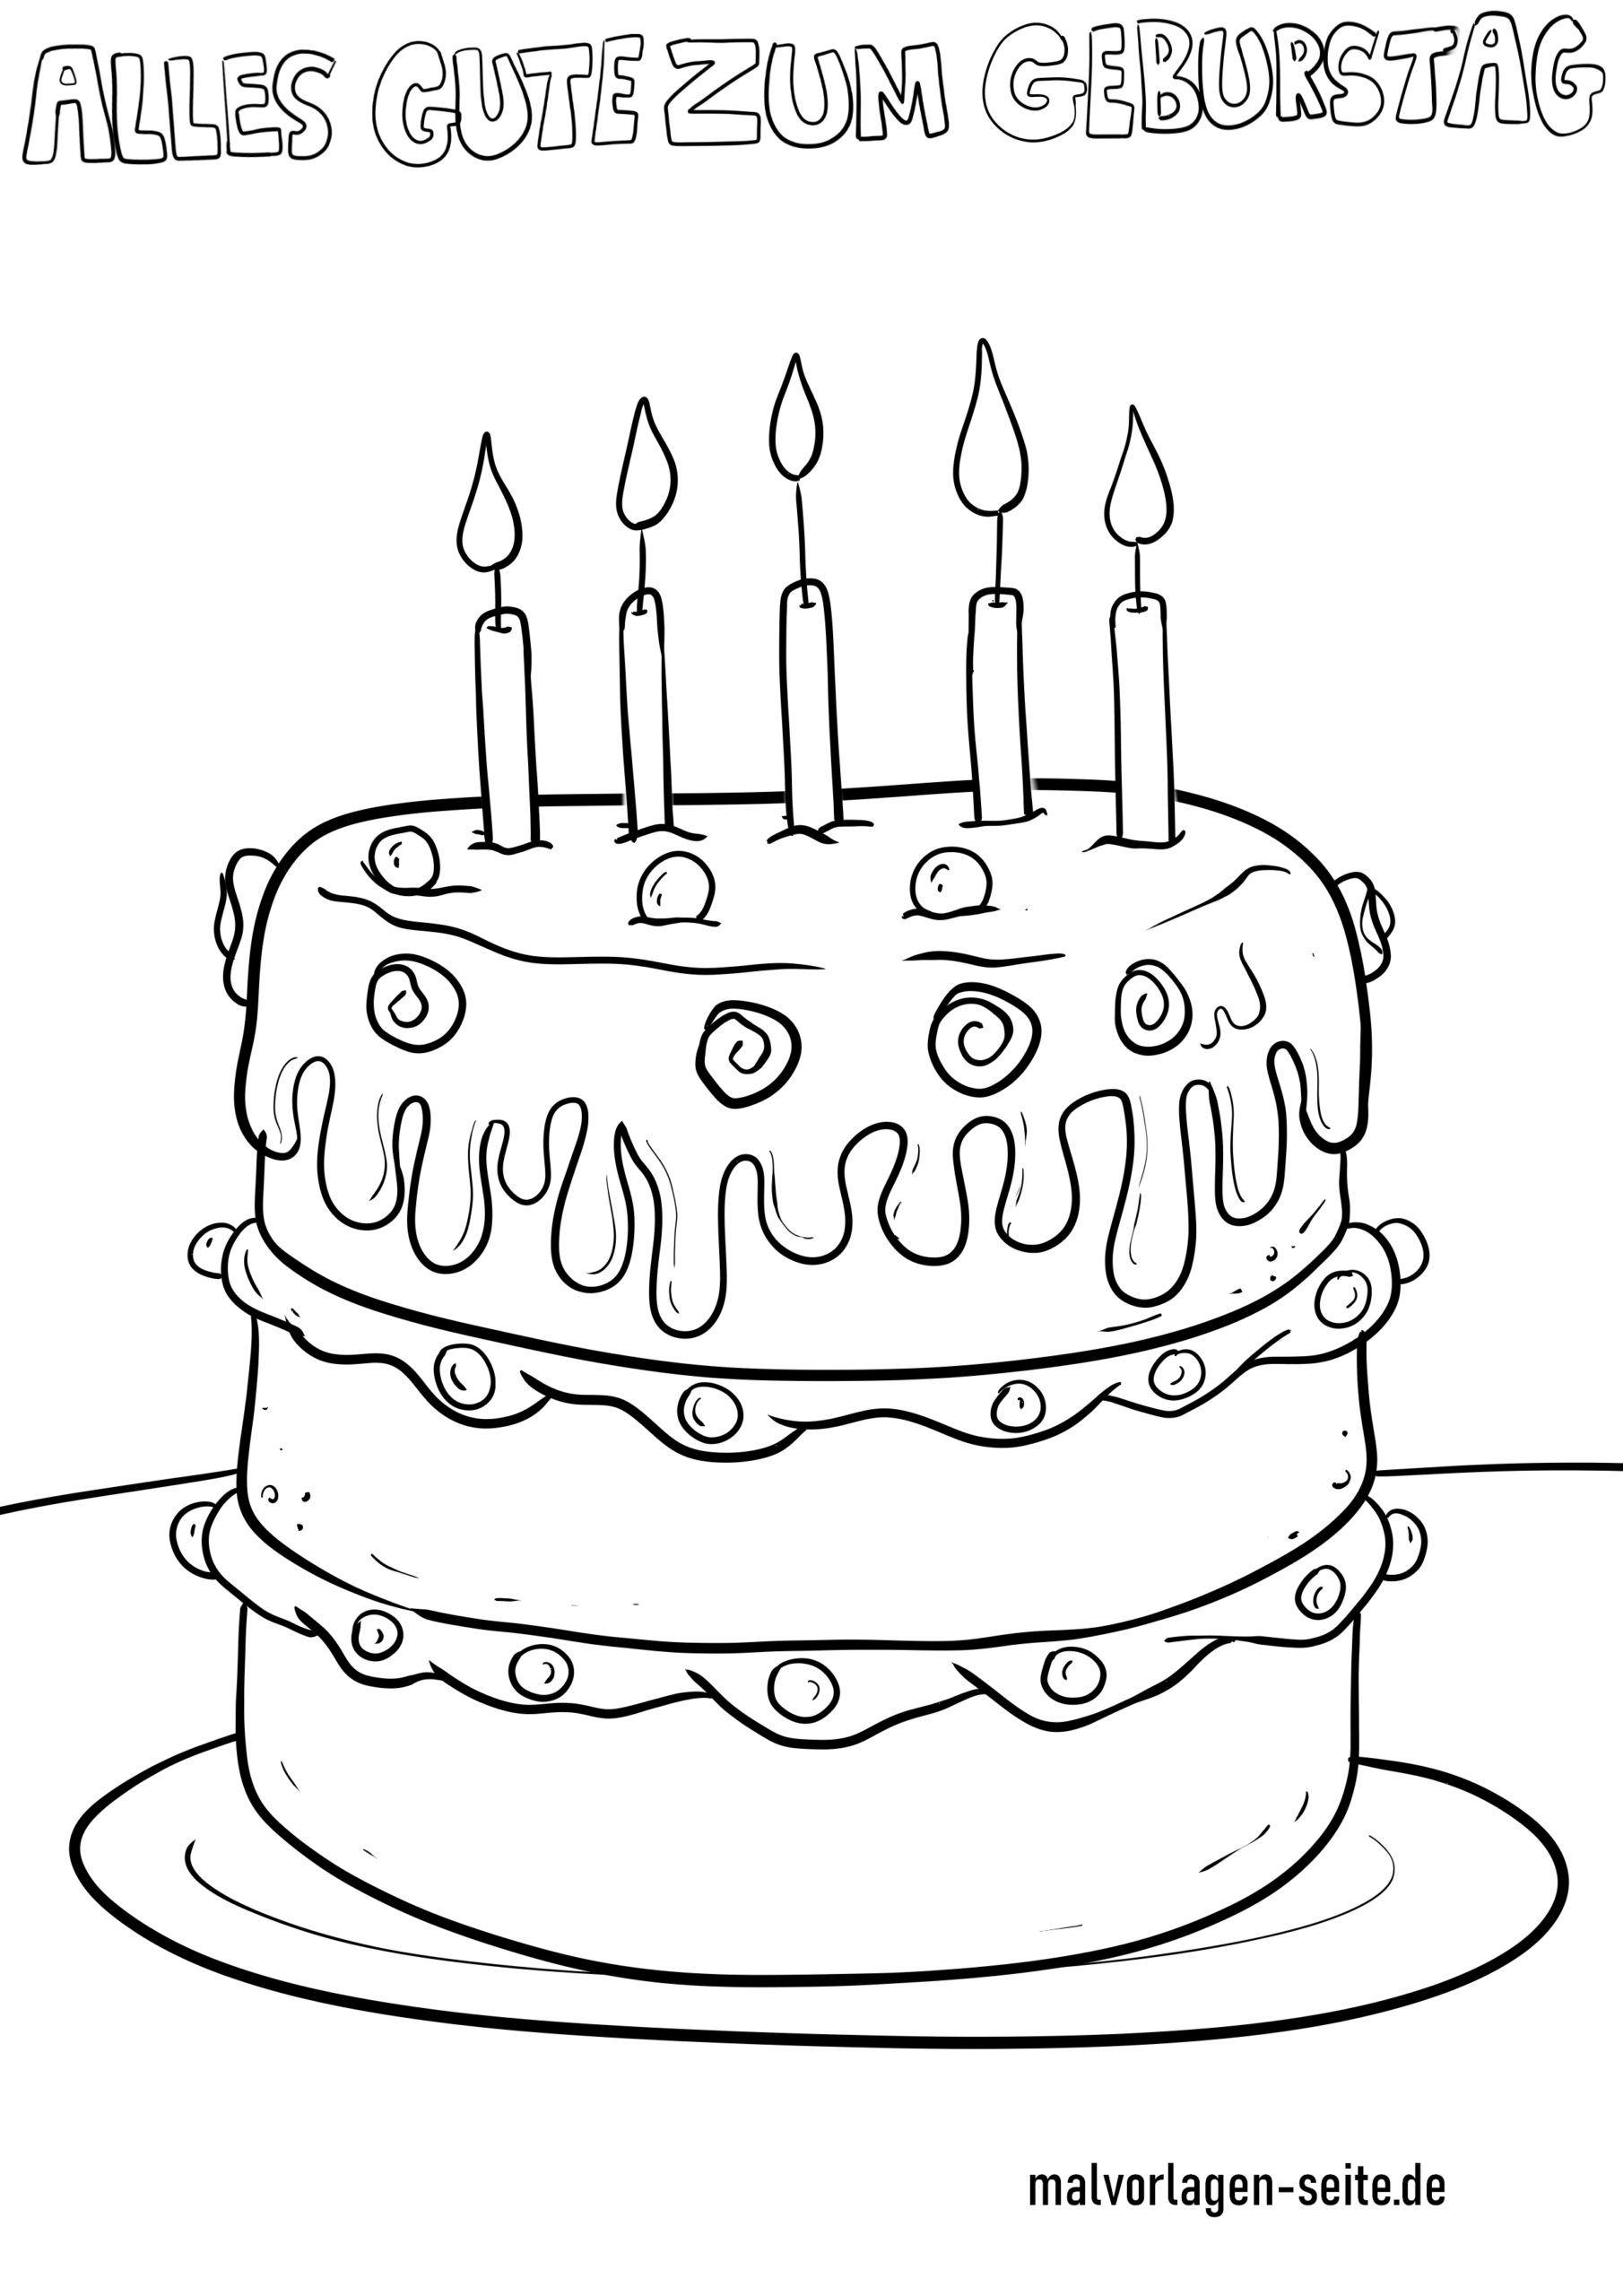 Malvorlage Alles Gute zum Geburtstag - Kostenlose Ausmalbilder